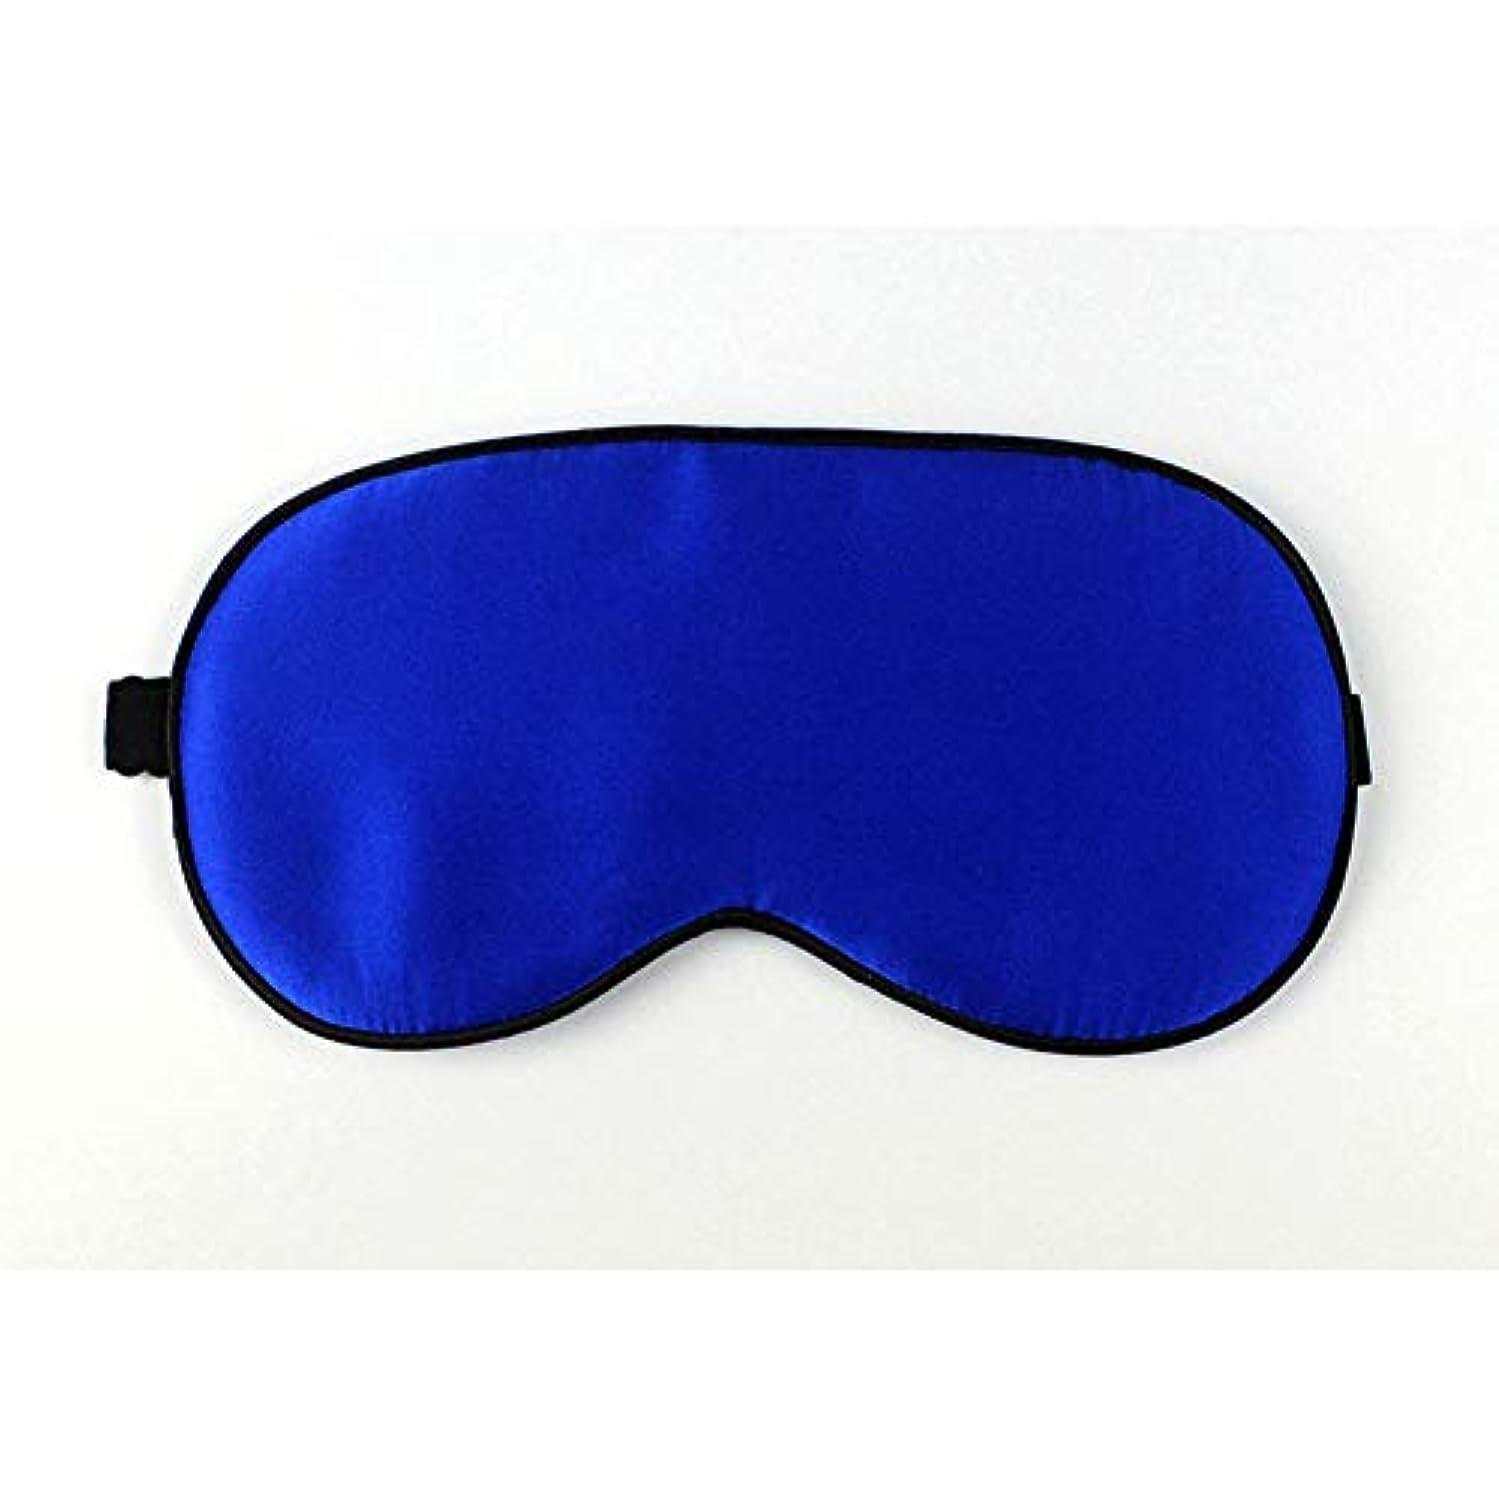 毎週ねばねばよろしくXuBa アイマスク ソフト シルク 弾力 睡眠 遮光  完璧な睡眠環境 アイシェード スリープシールド オフィス  ダークブルー